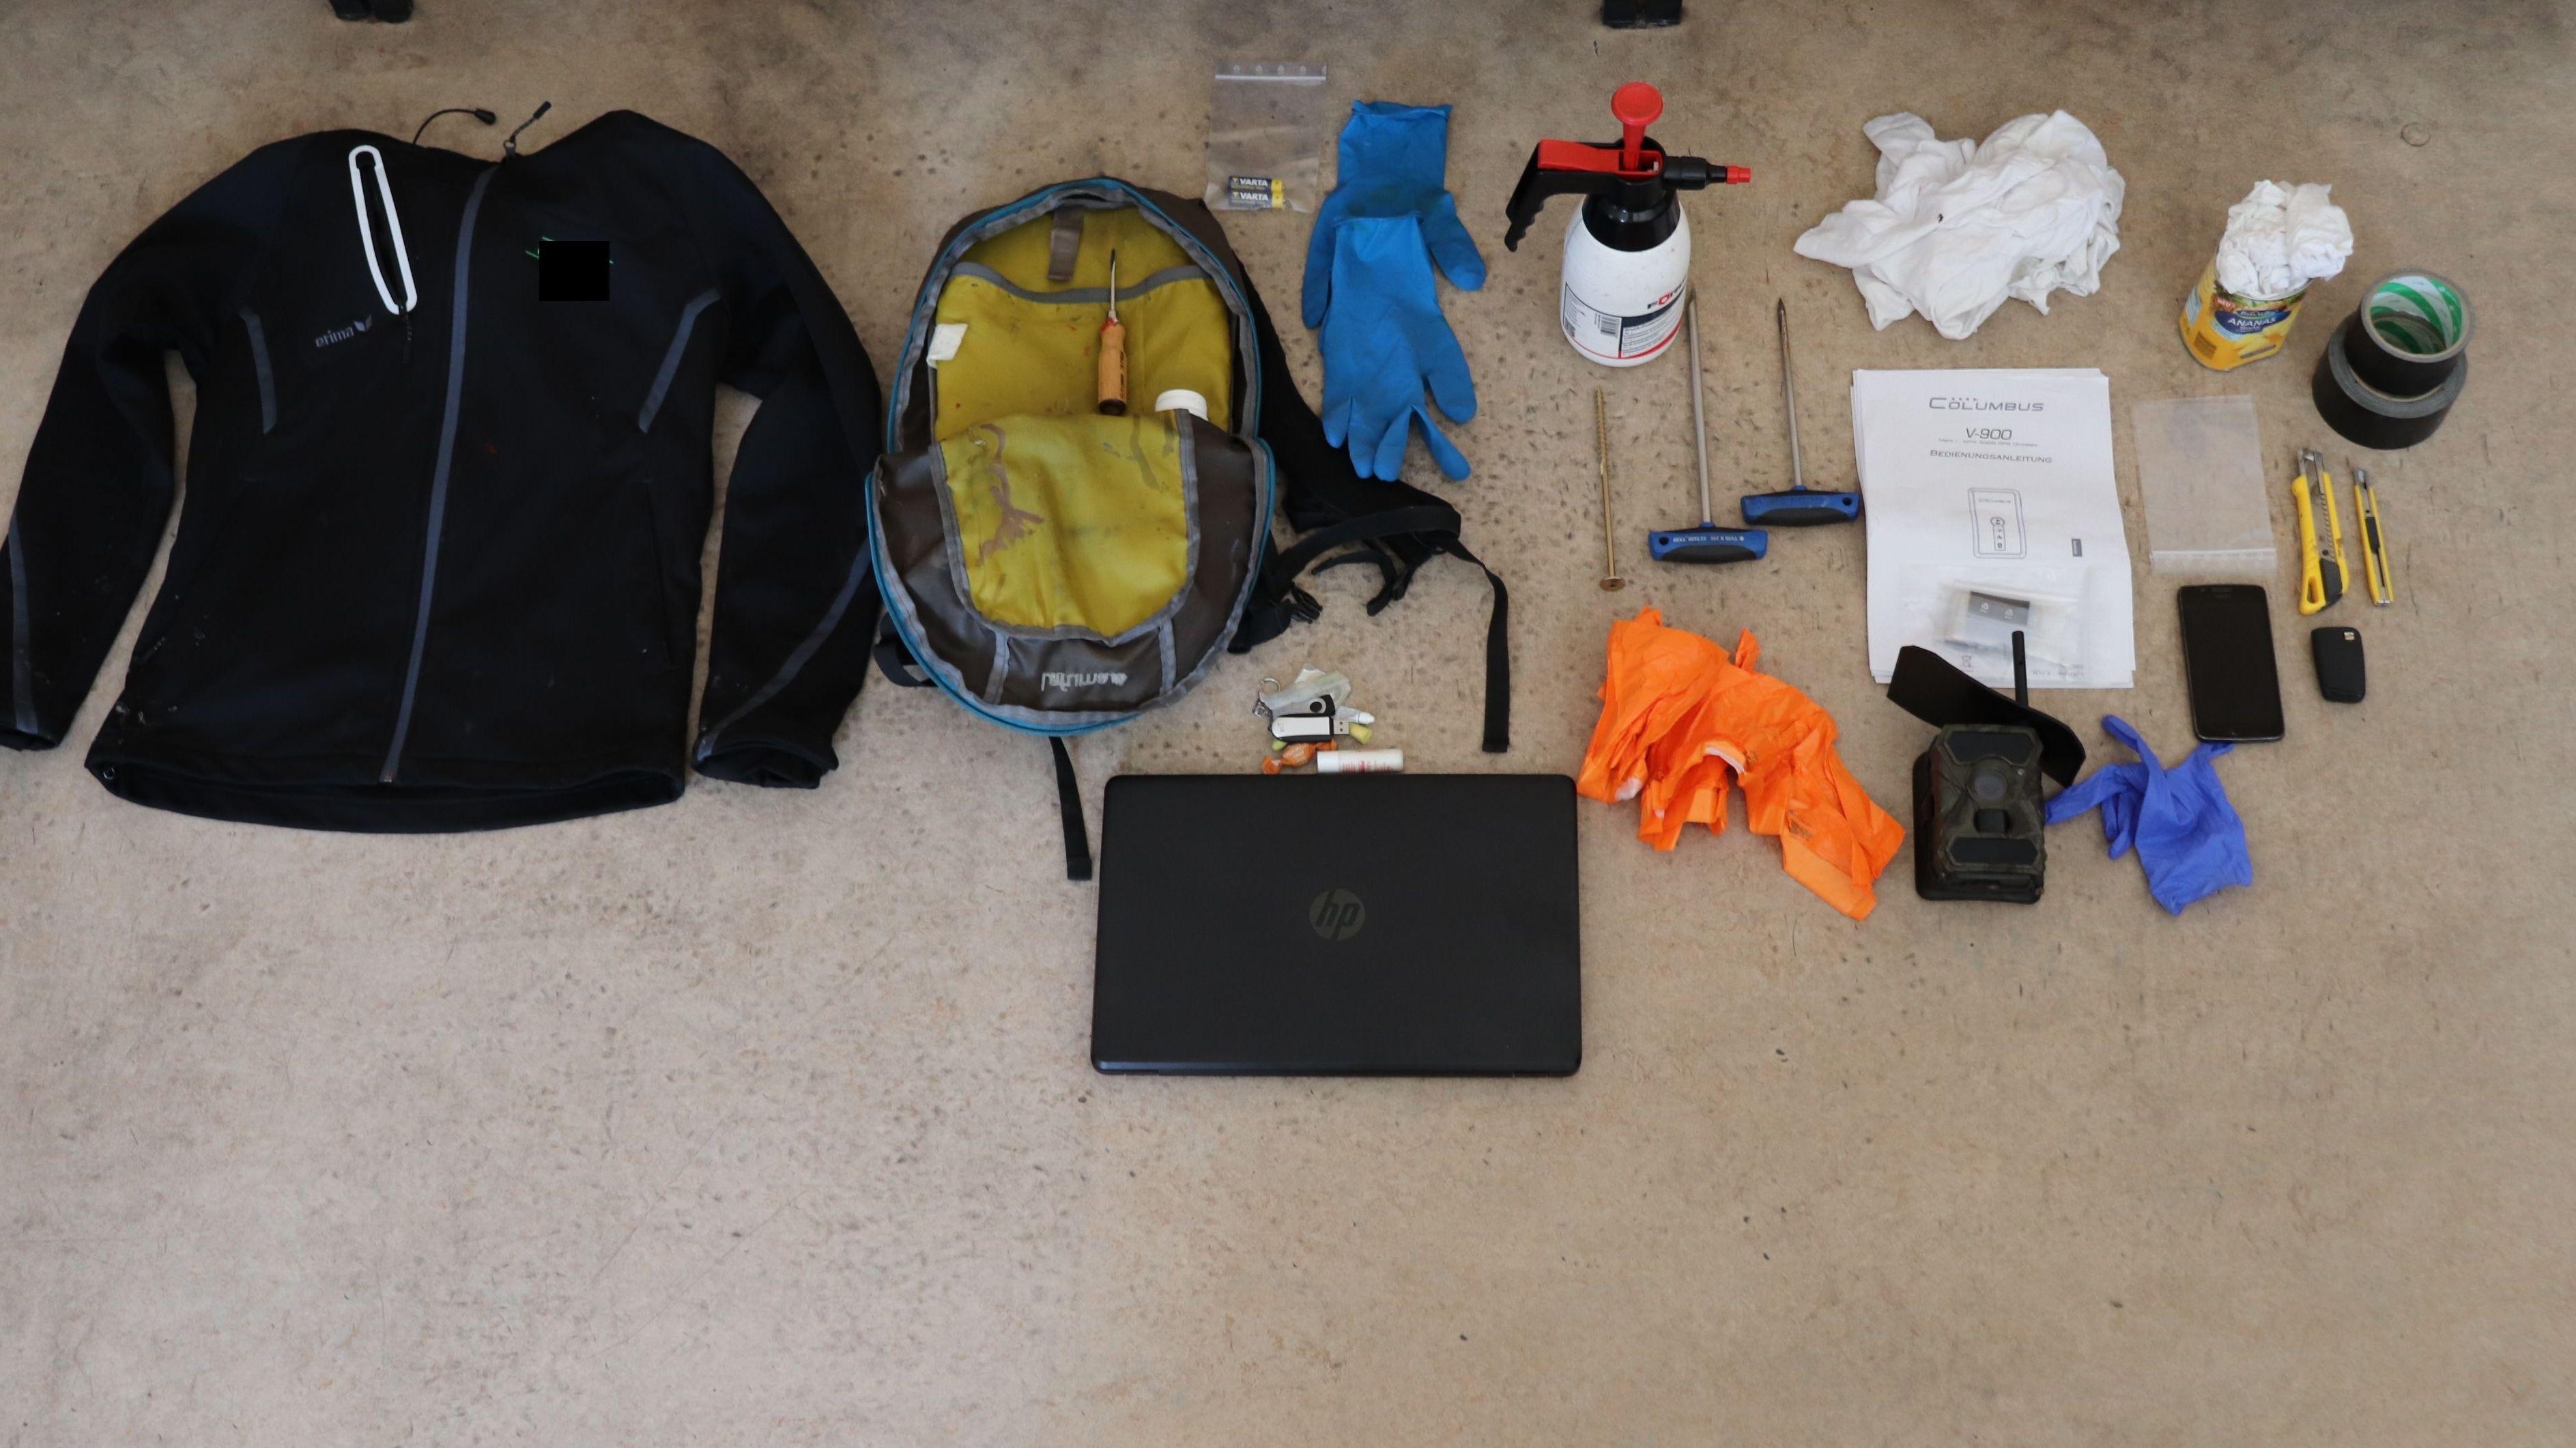 Gegenstände, die die Polizei bei der Durchsuchung der Wohnung des Stalkers gefunden hat.